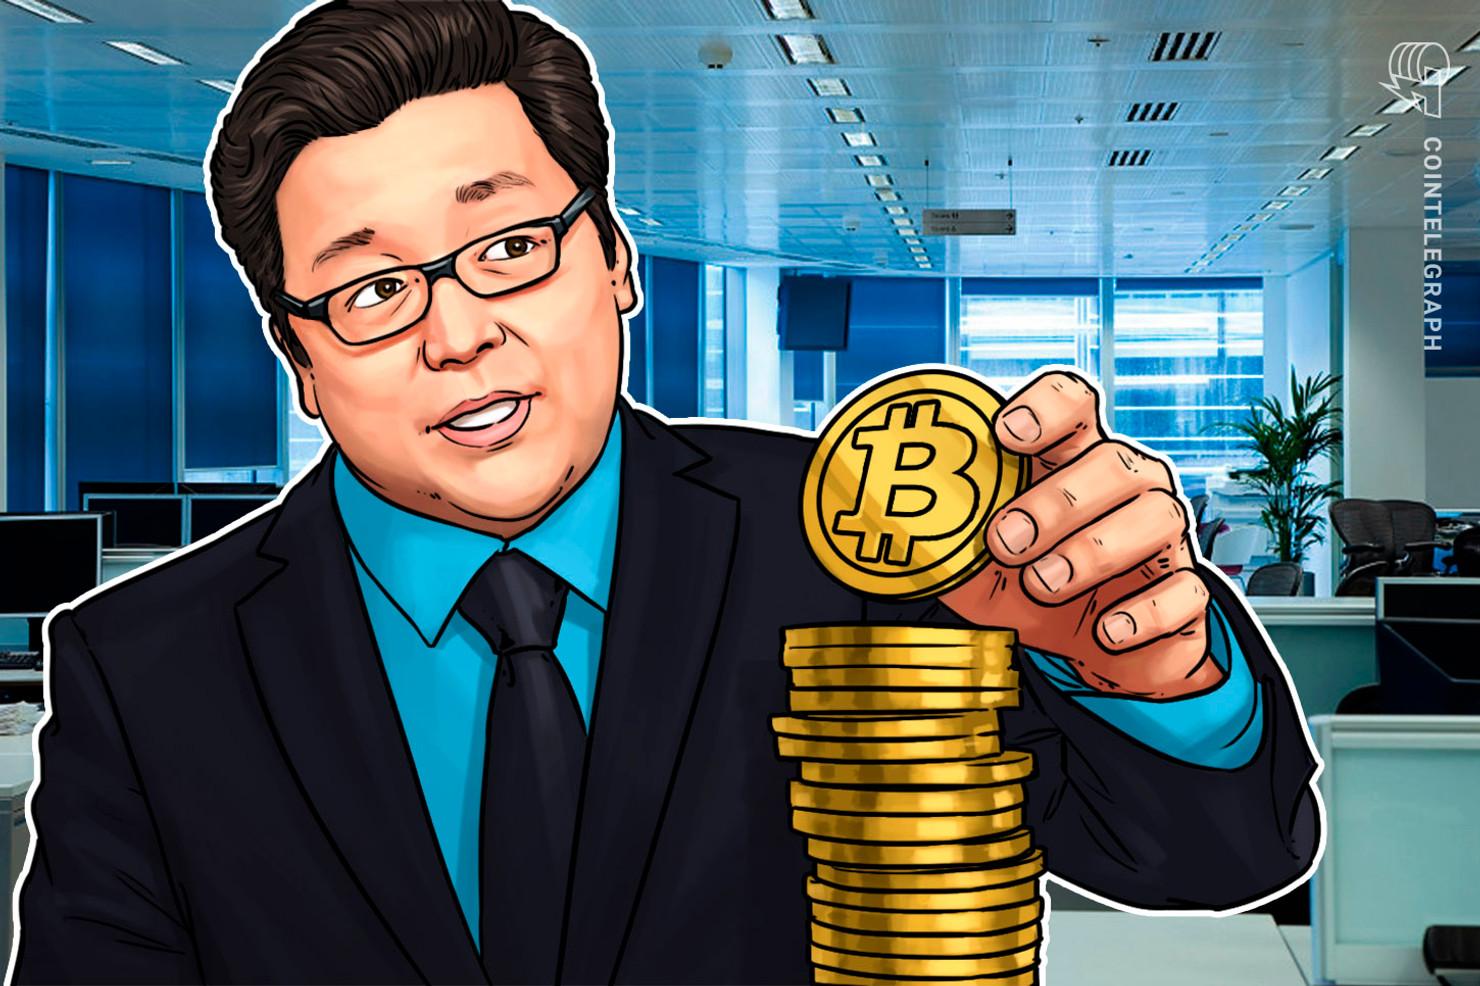 El precio de Bitcoin puede alcanzar un máximo de USD 27,000 en verano, predice Tom Lee